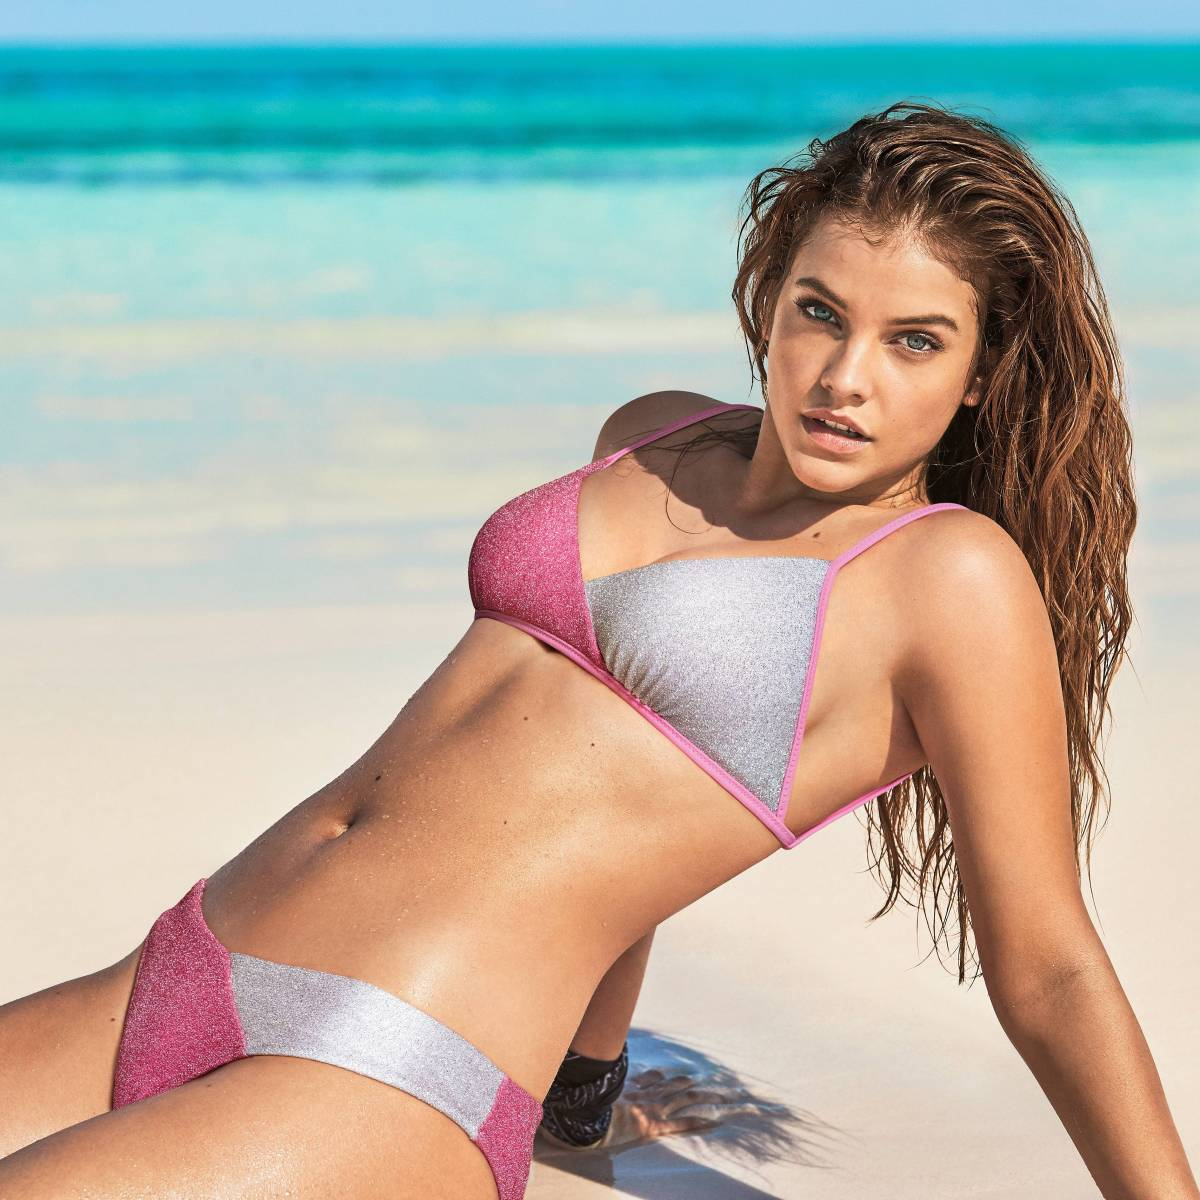 Barbara palvin bikini